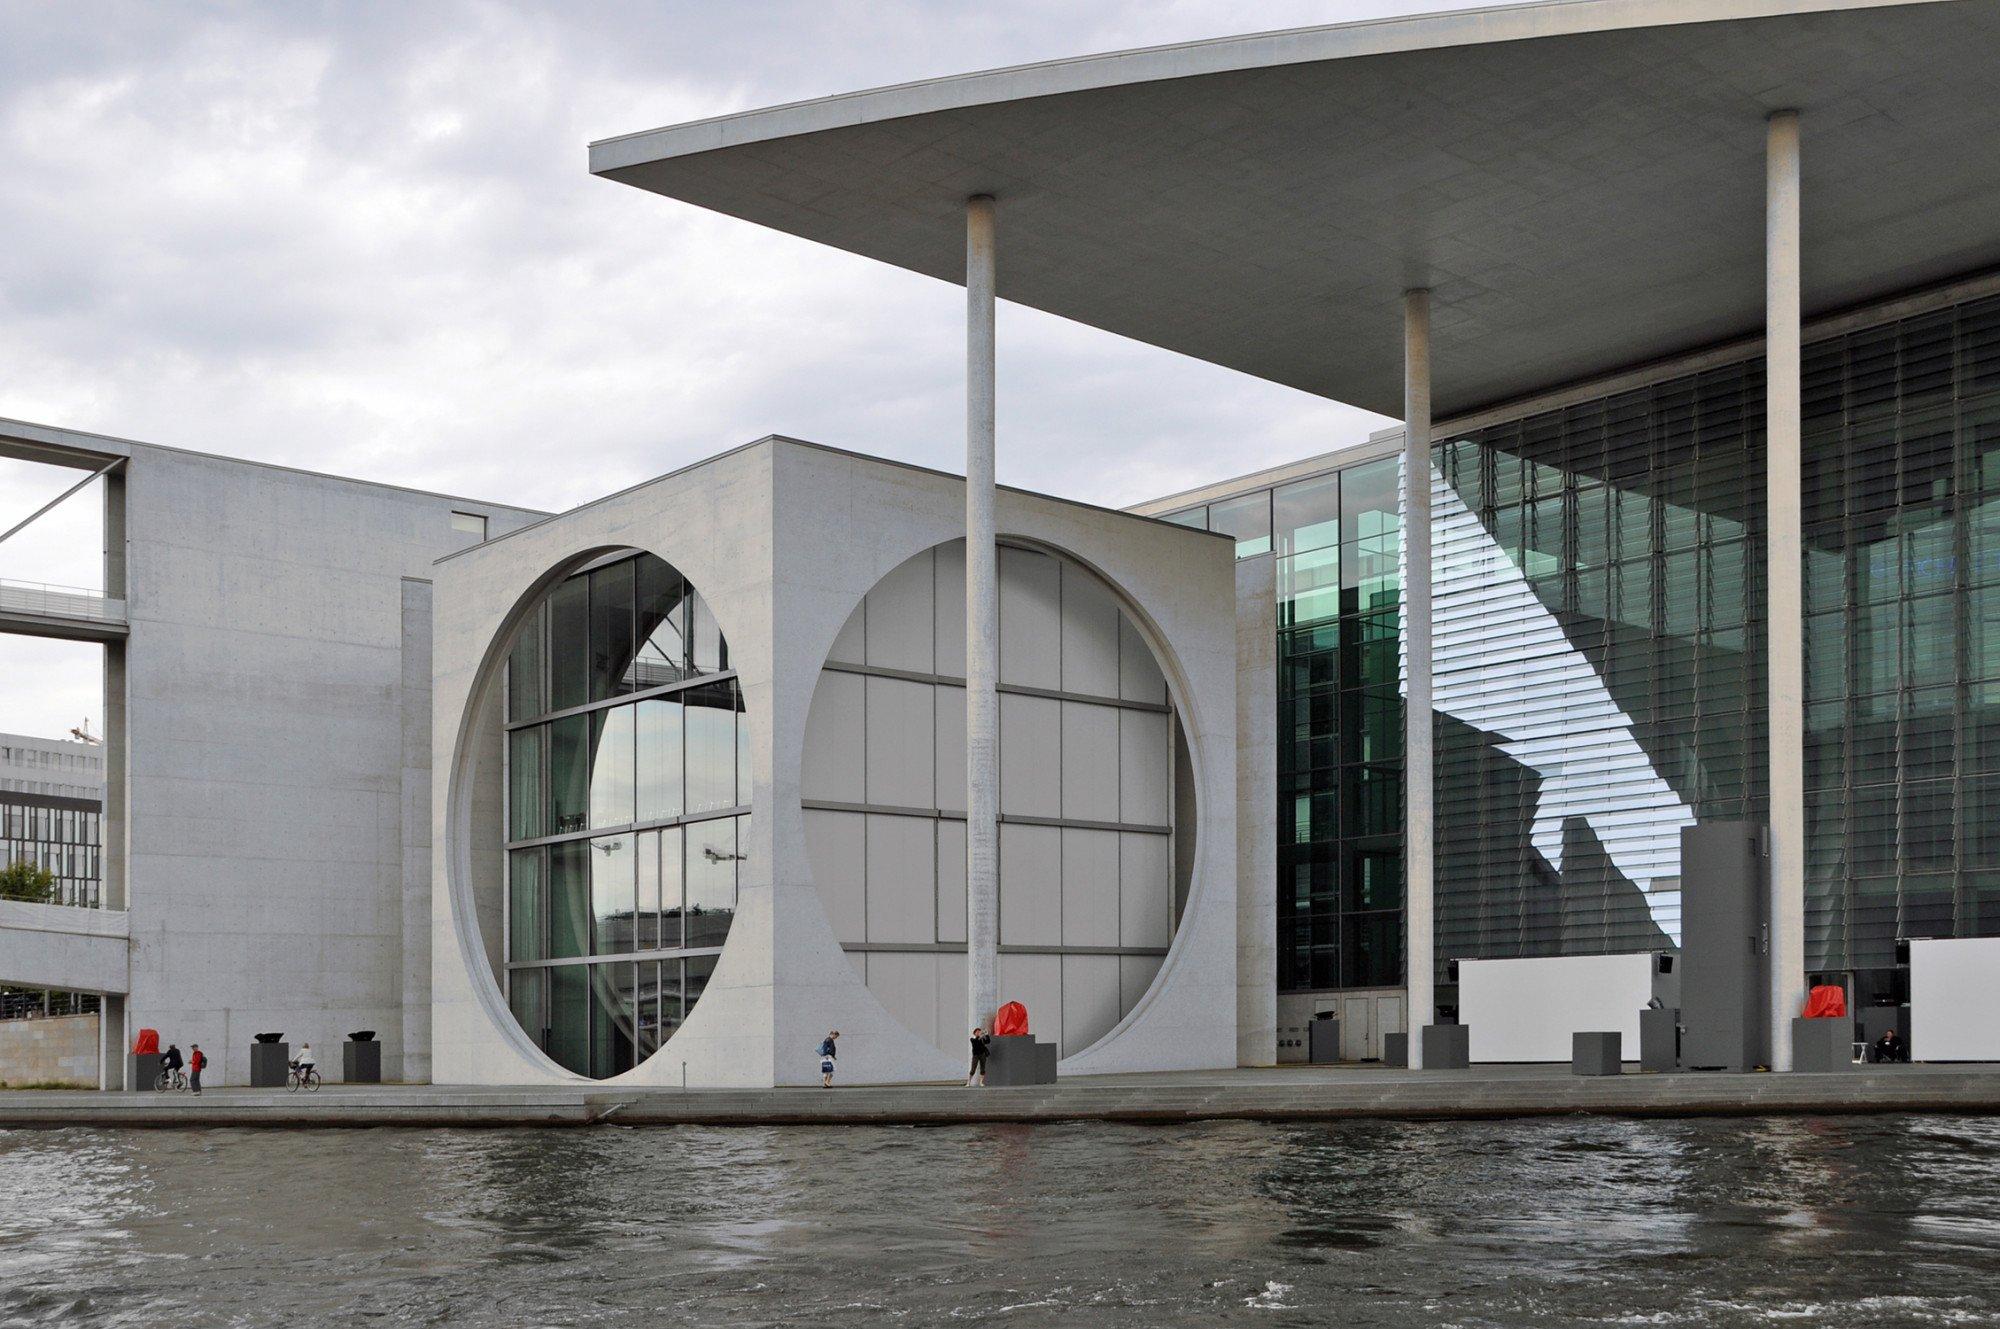 galerie beton floor beton cir hnliche tolle projekte und ideen wie ... - Haus Einrichten Wohnkonzept Sichtbeton